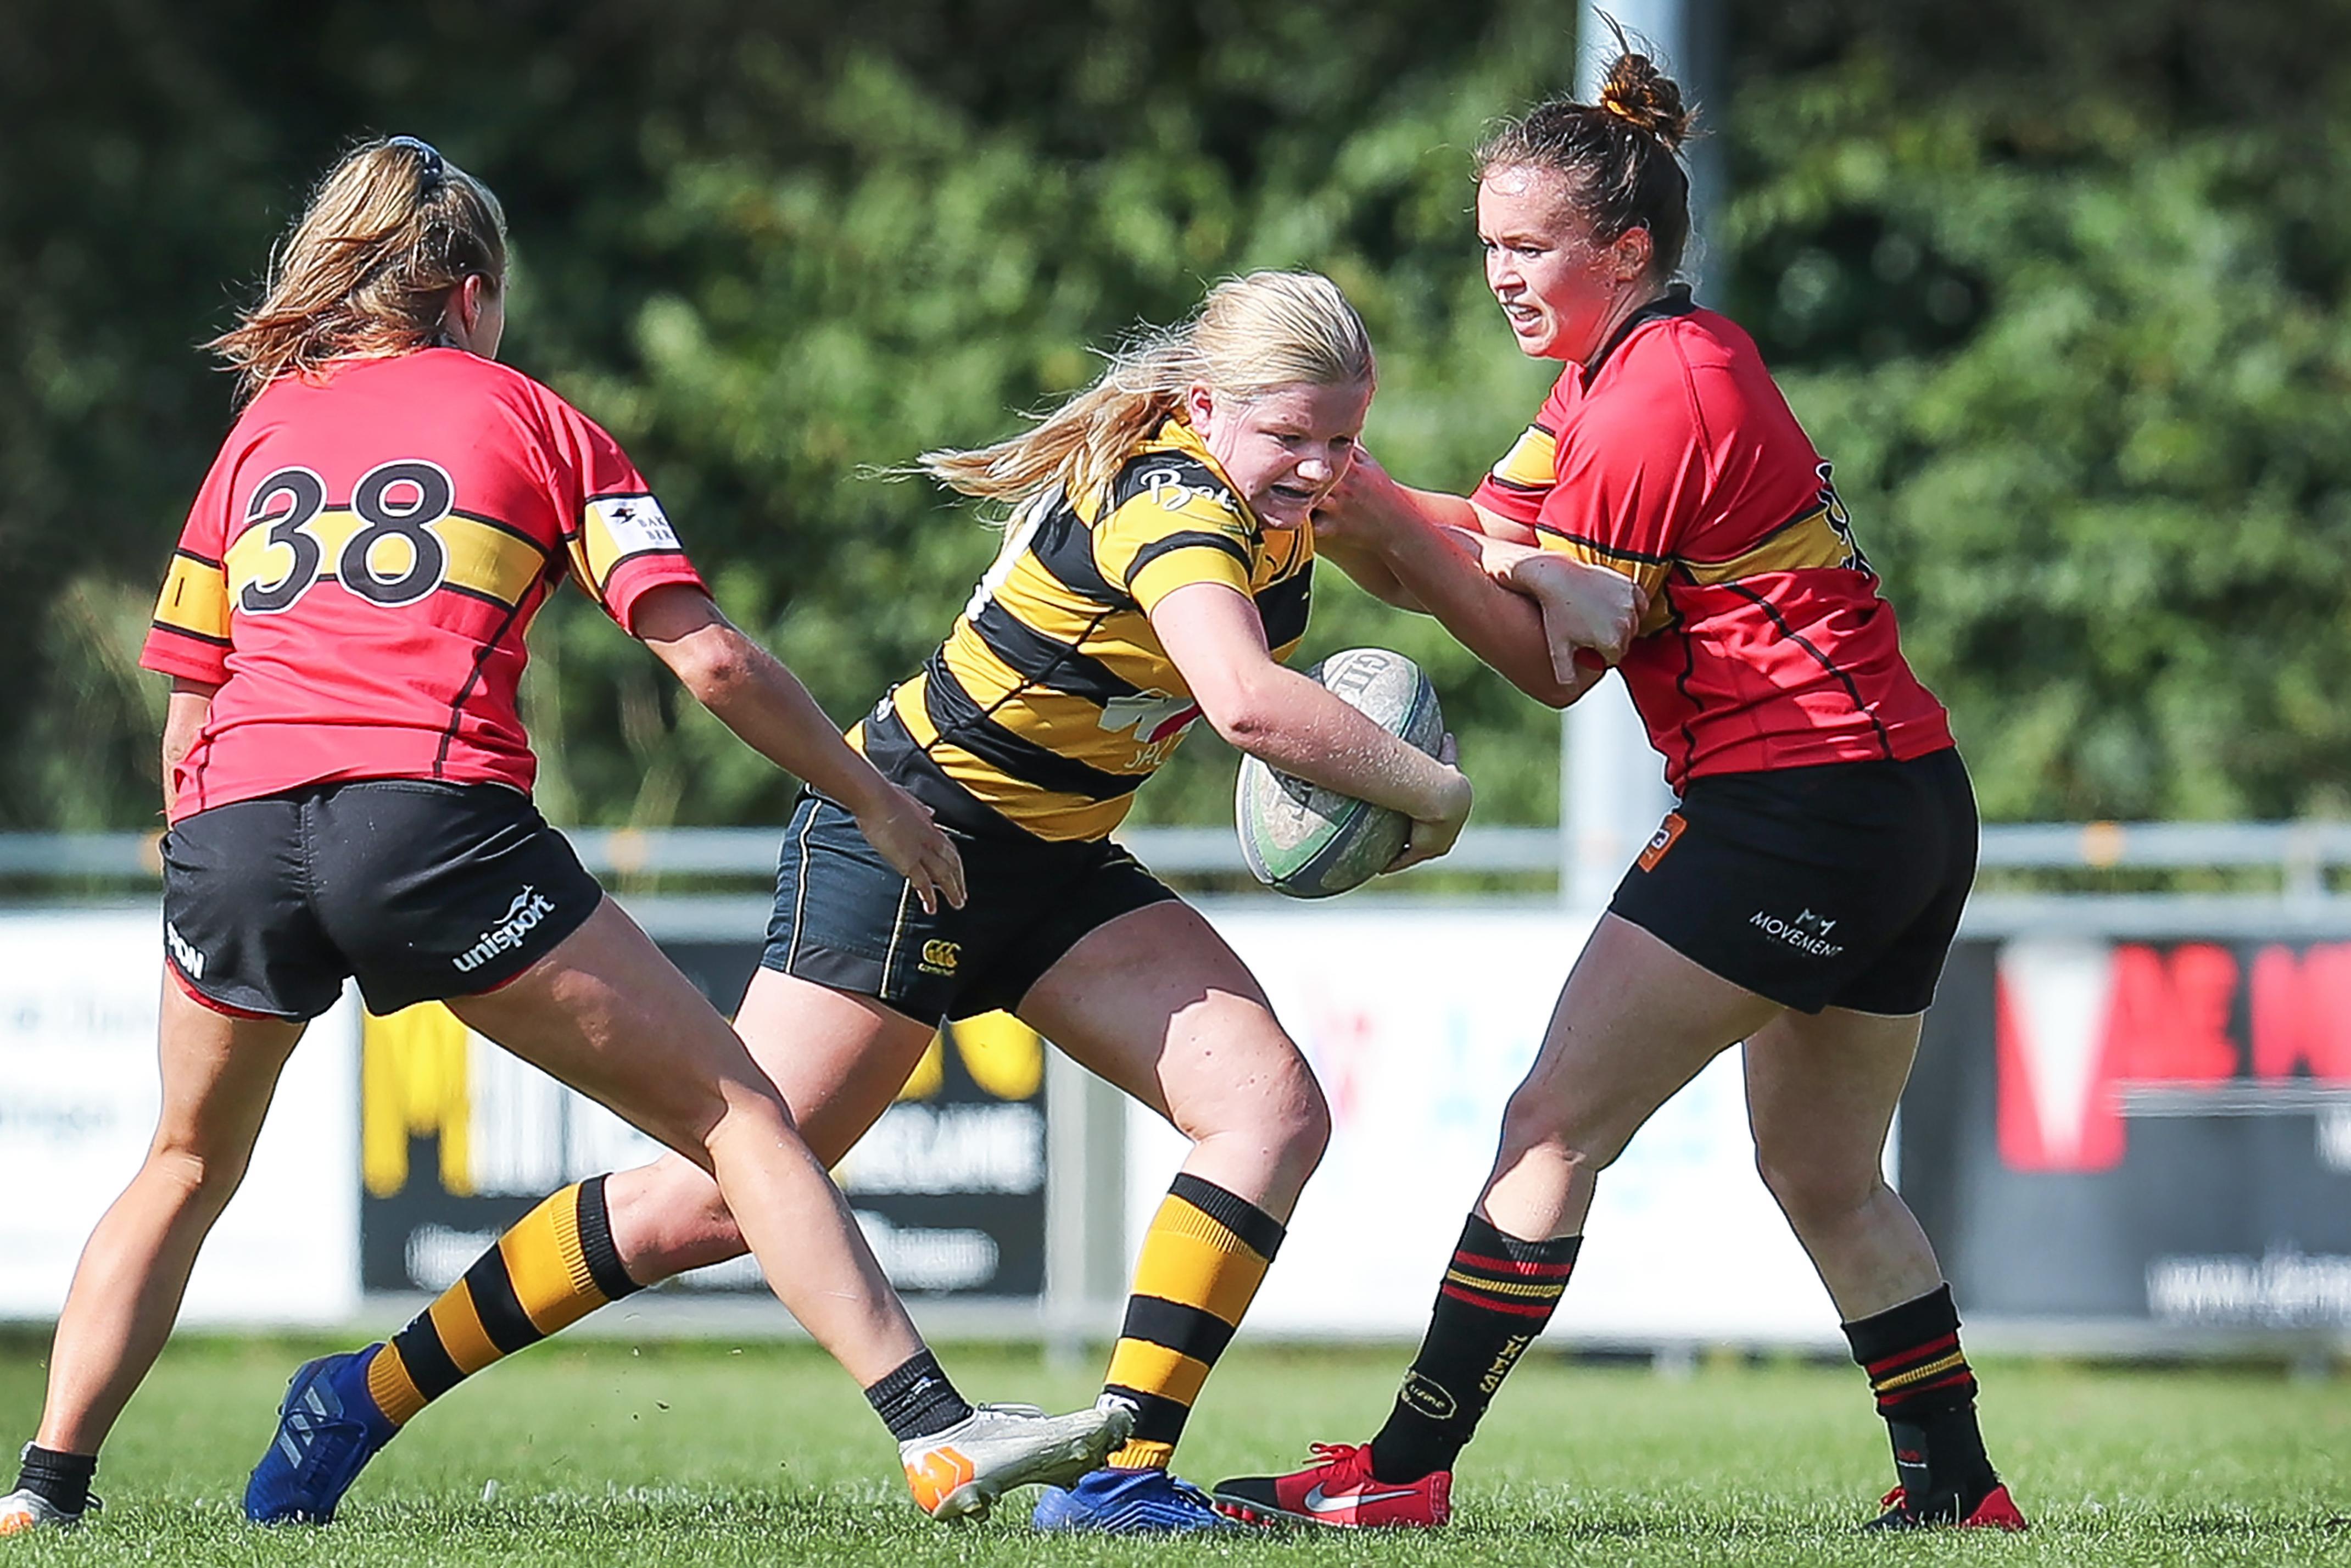 Rugbytalent Kim Dekker van Cas RC maakt debuut in het Nederlands vrouwenteam na twee jaar geen duel gespeeld te hebben. Dat ze met 87-0 verloor van Spanje mocht de pret niet drukken